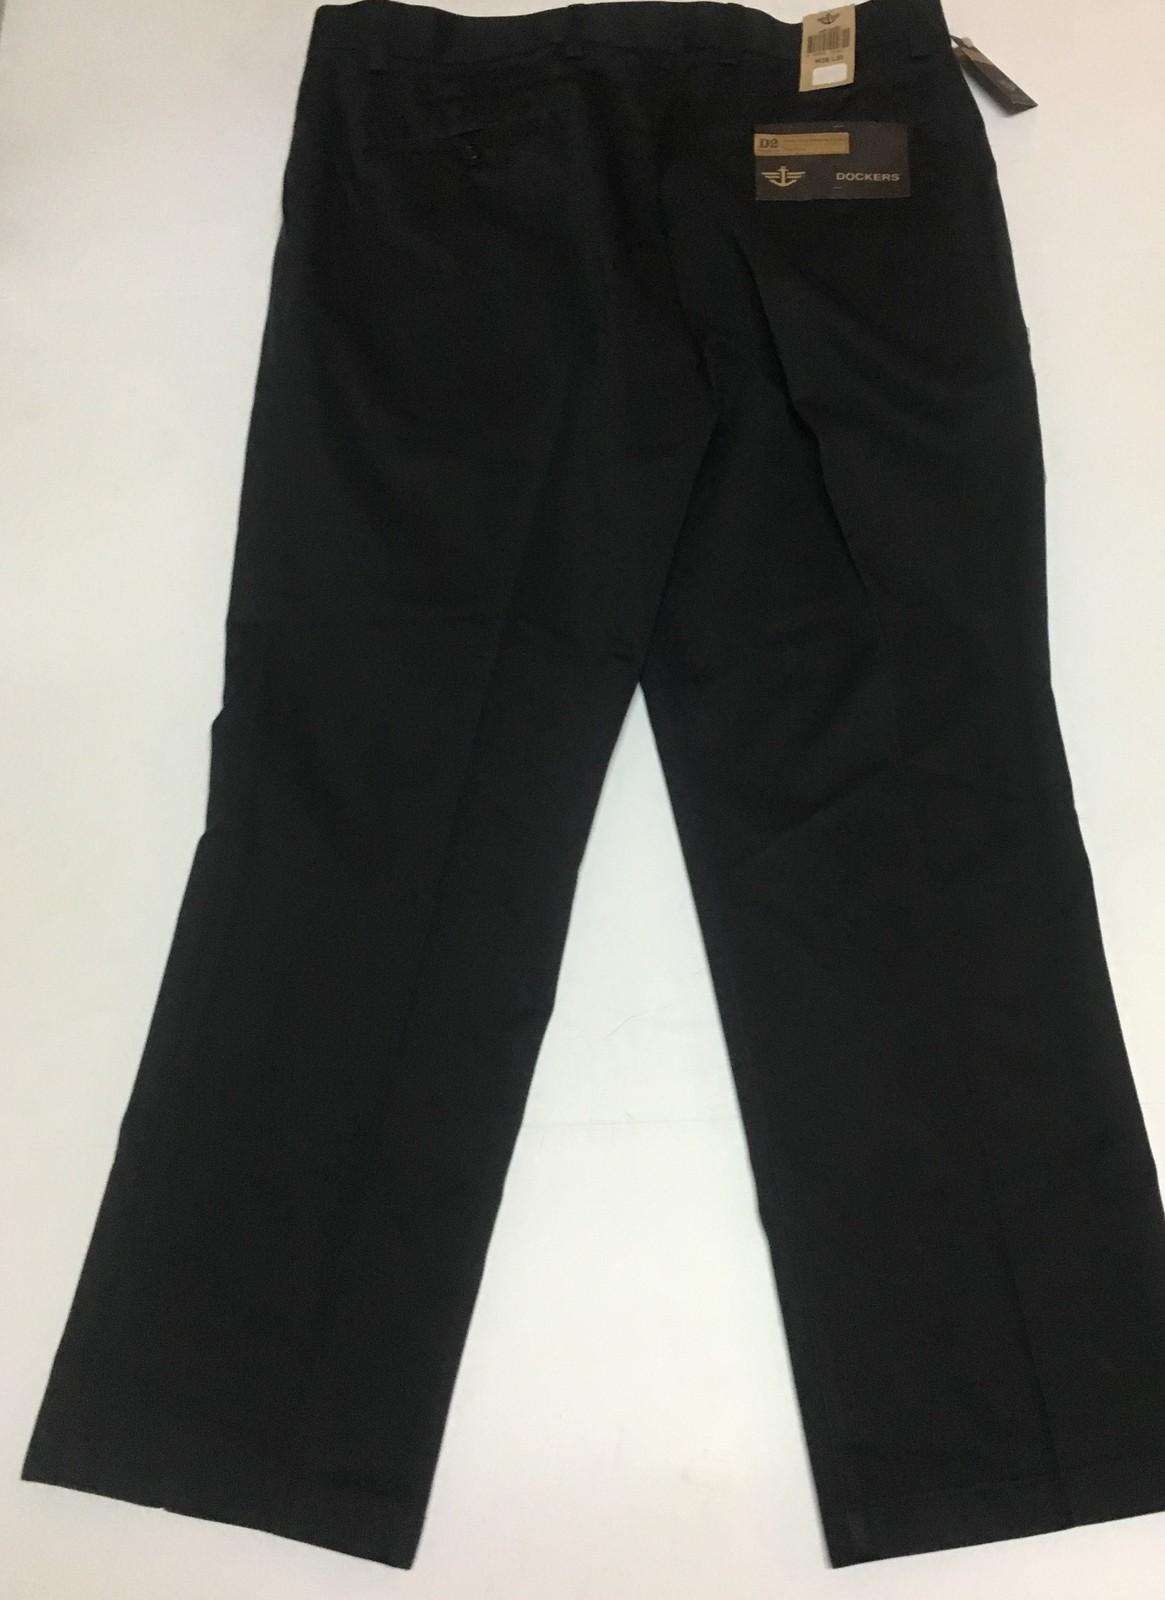 Dockers Never Iron Khaki Pants Black Men's 38/30